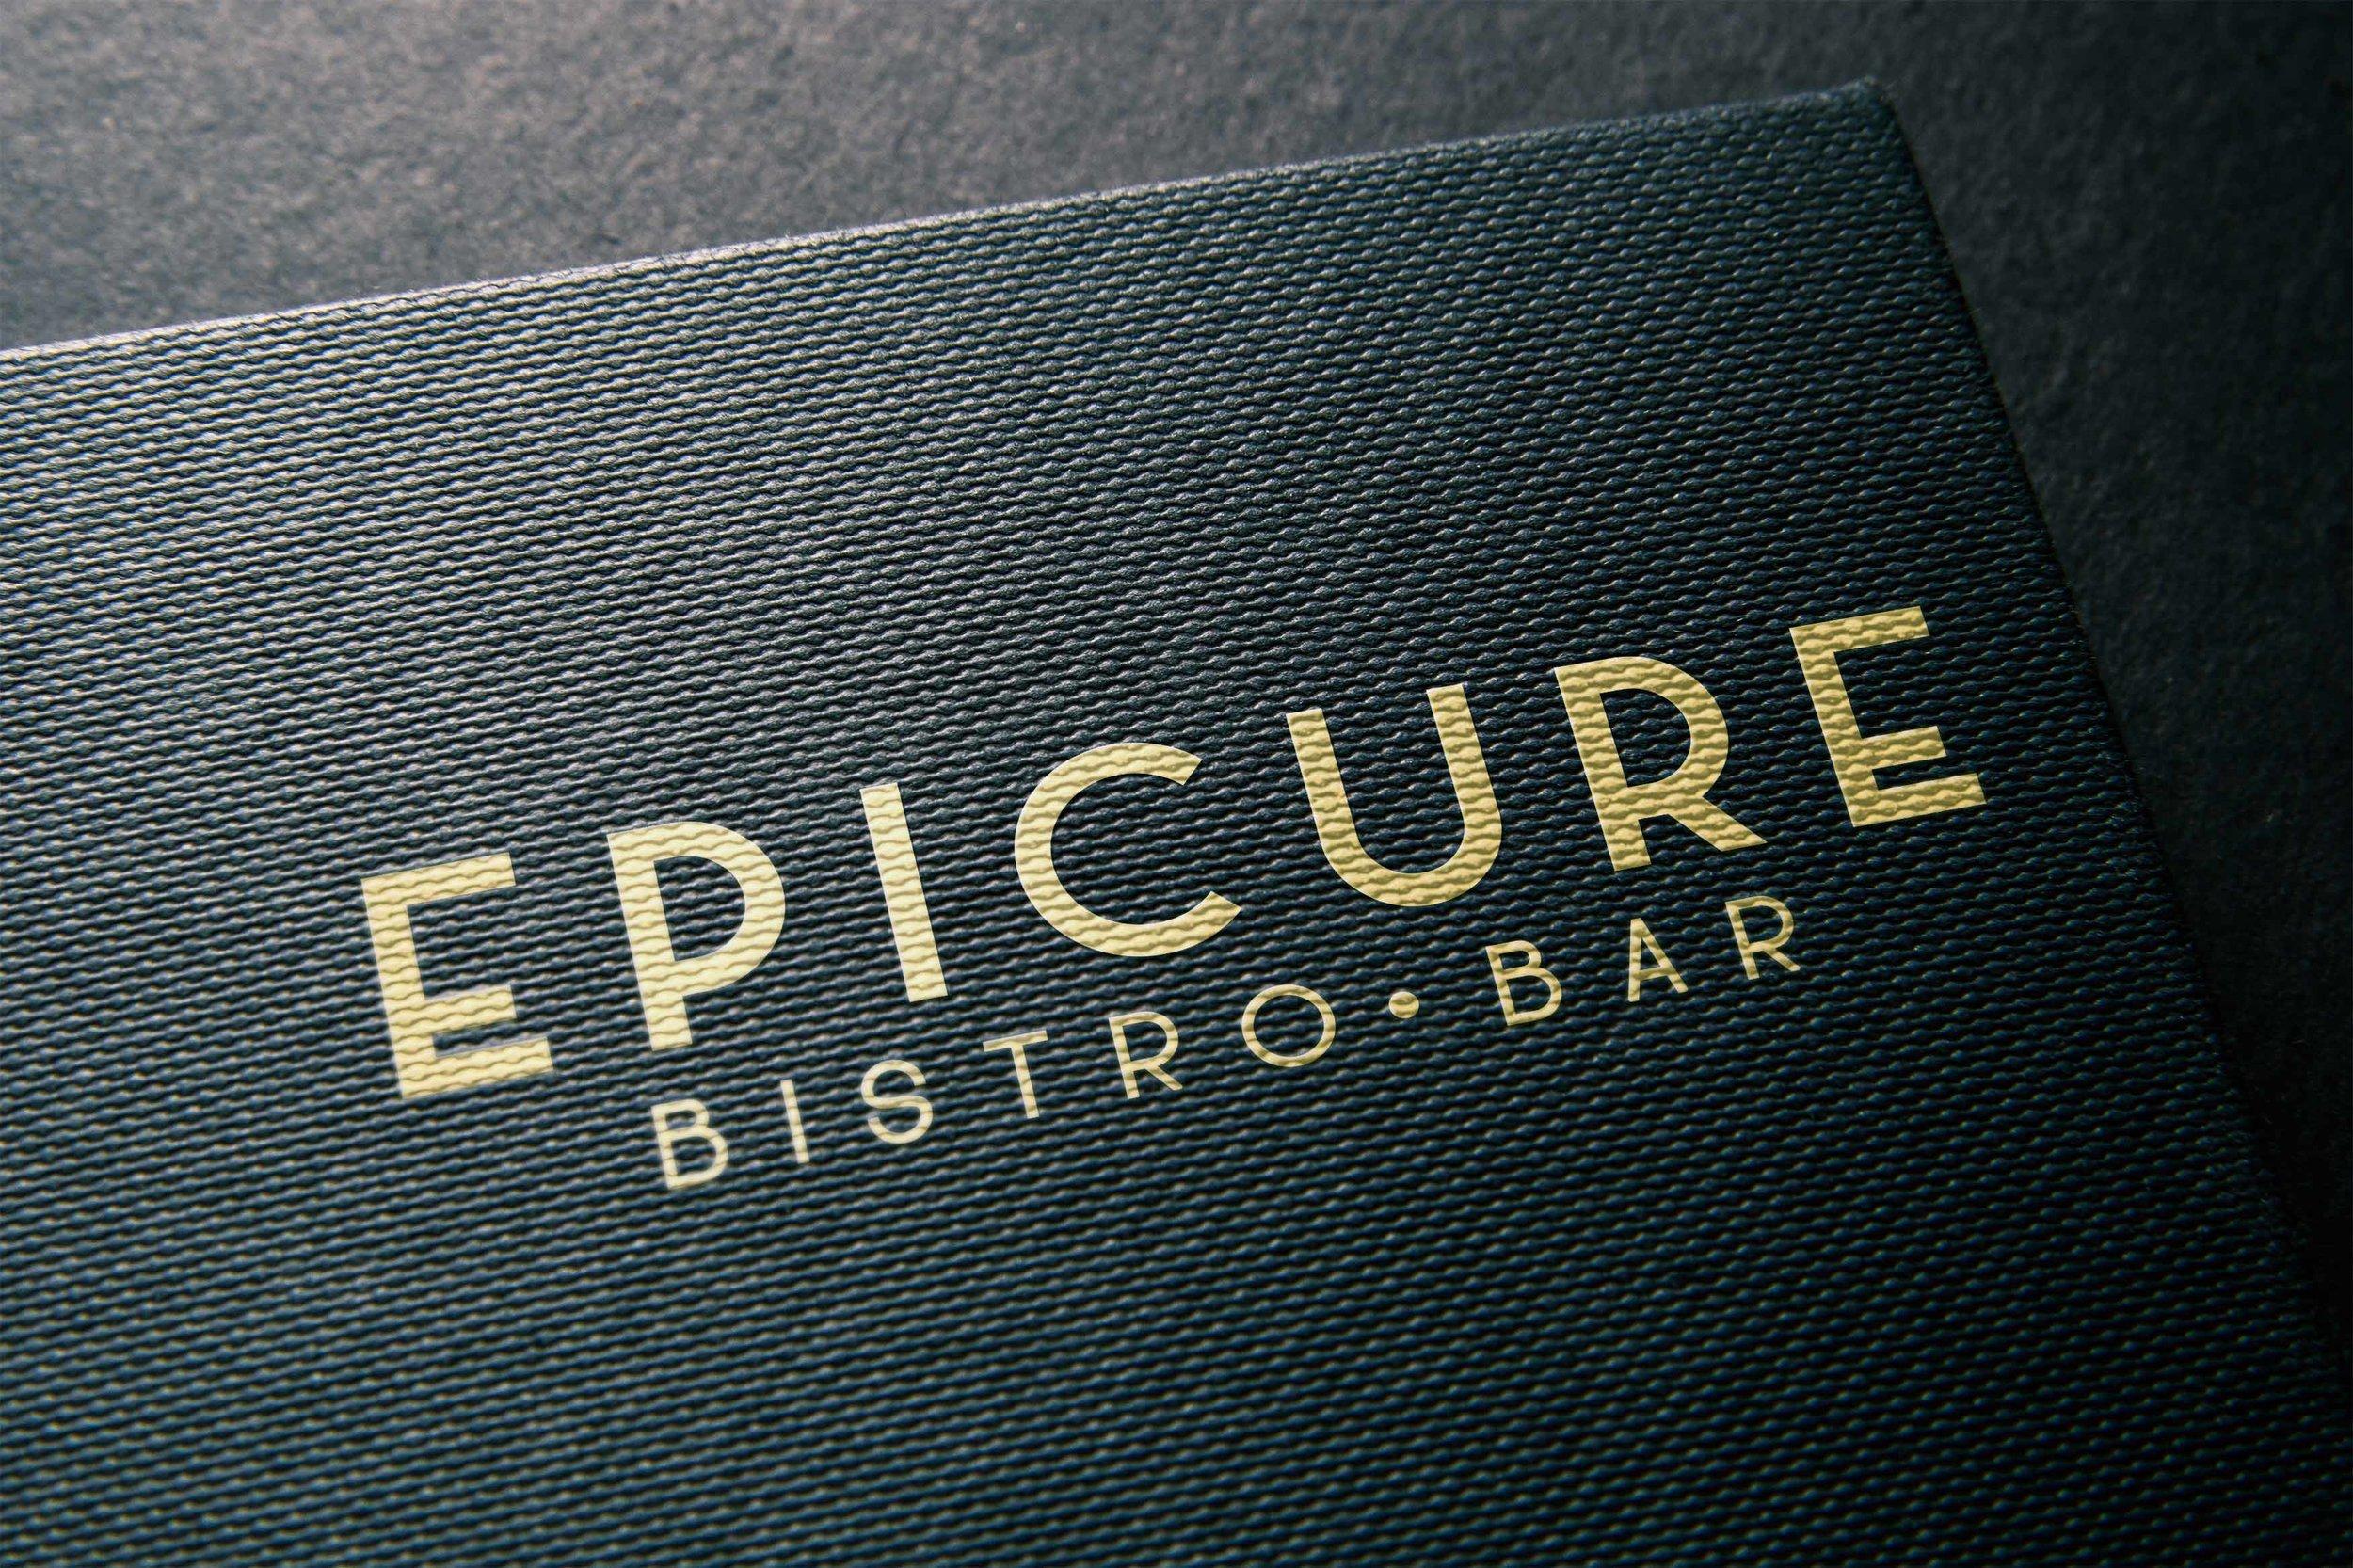 Epicure_mockup.jpg